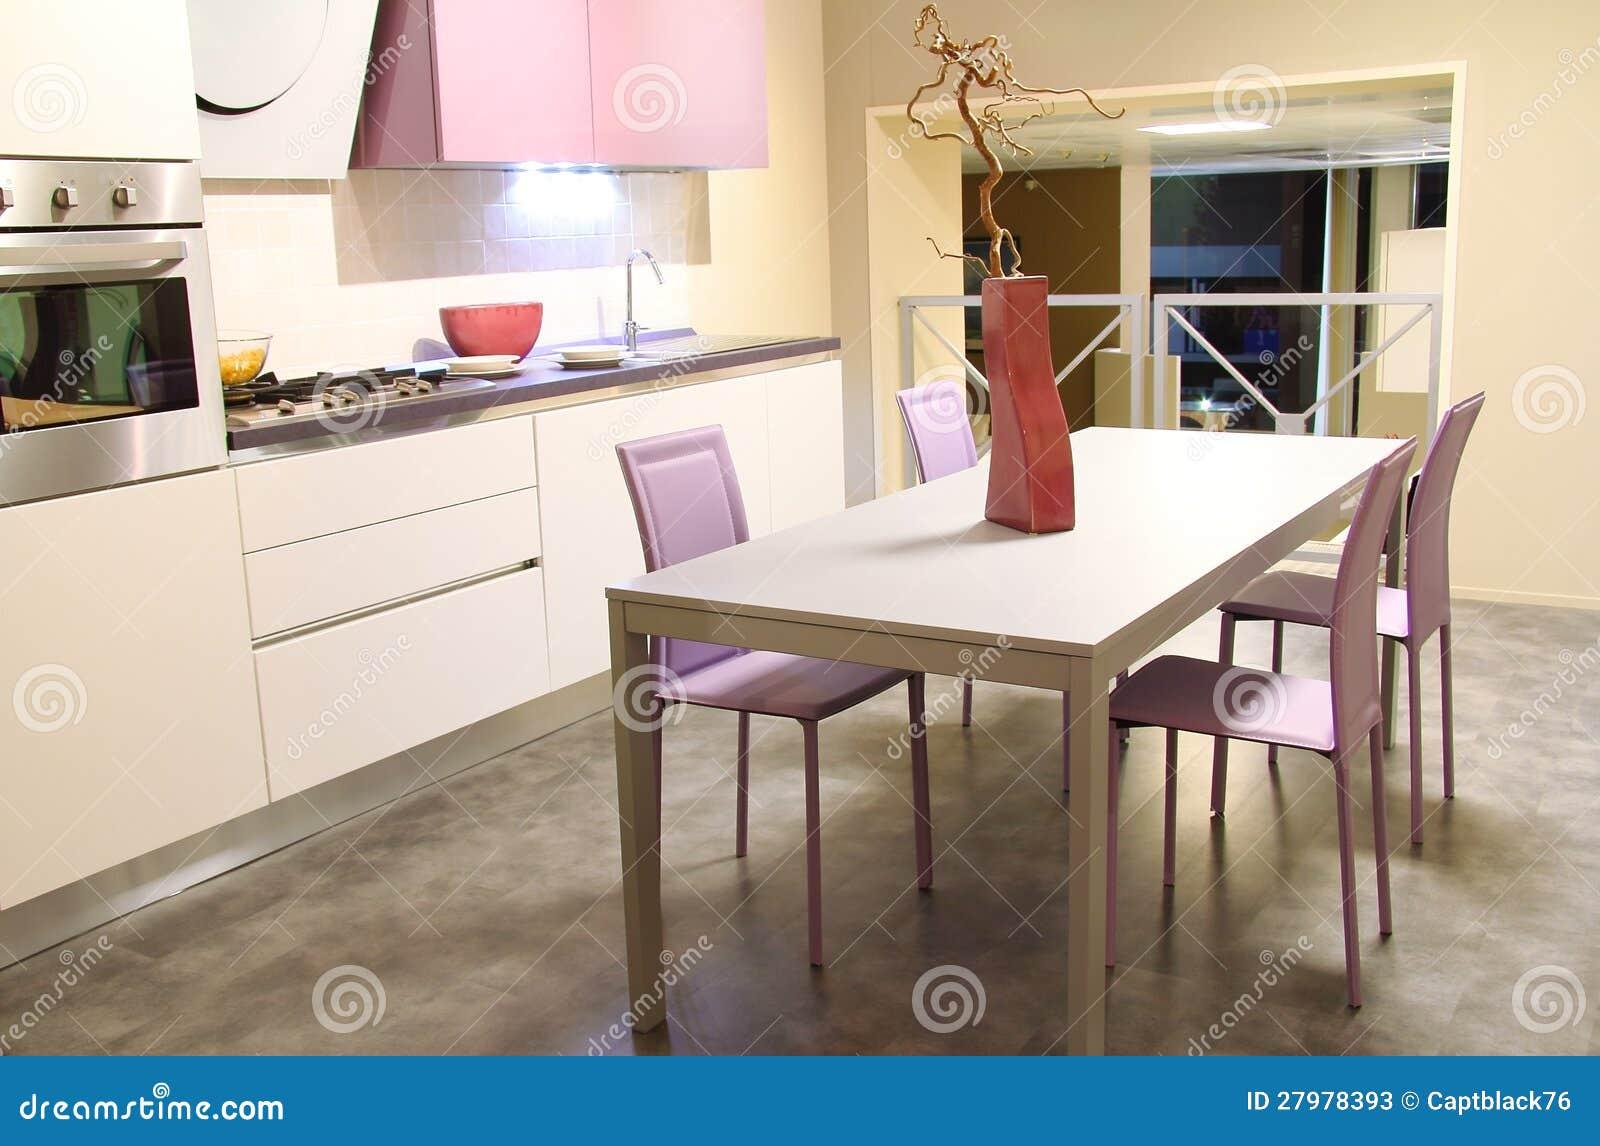 Modernt kök i mjuk kräm och rosa färg arkivfoton   bild: 27978393